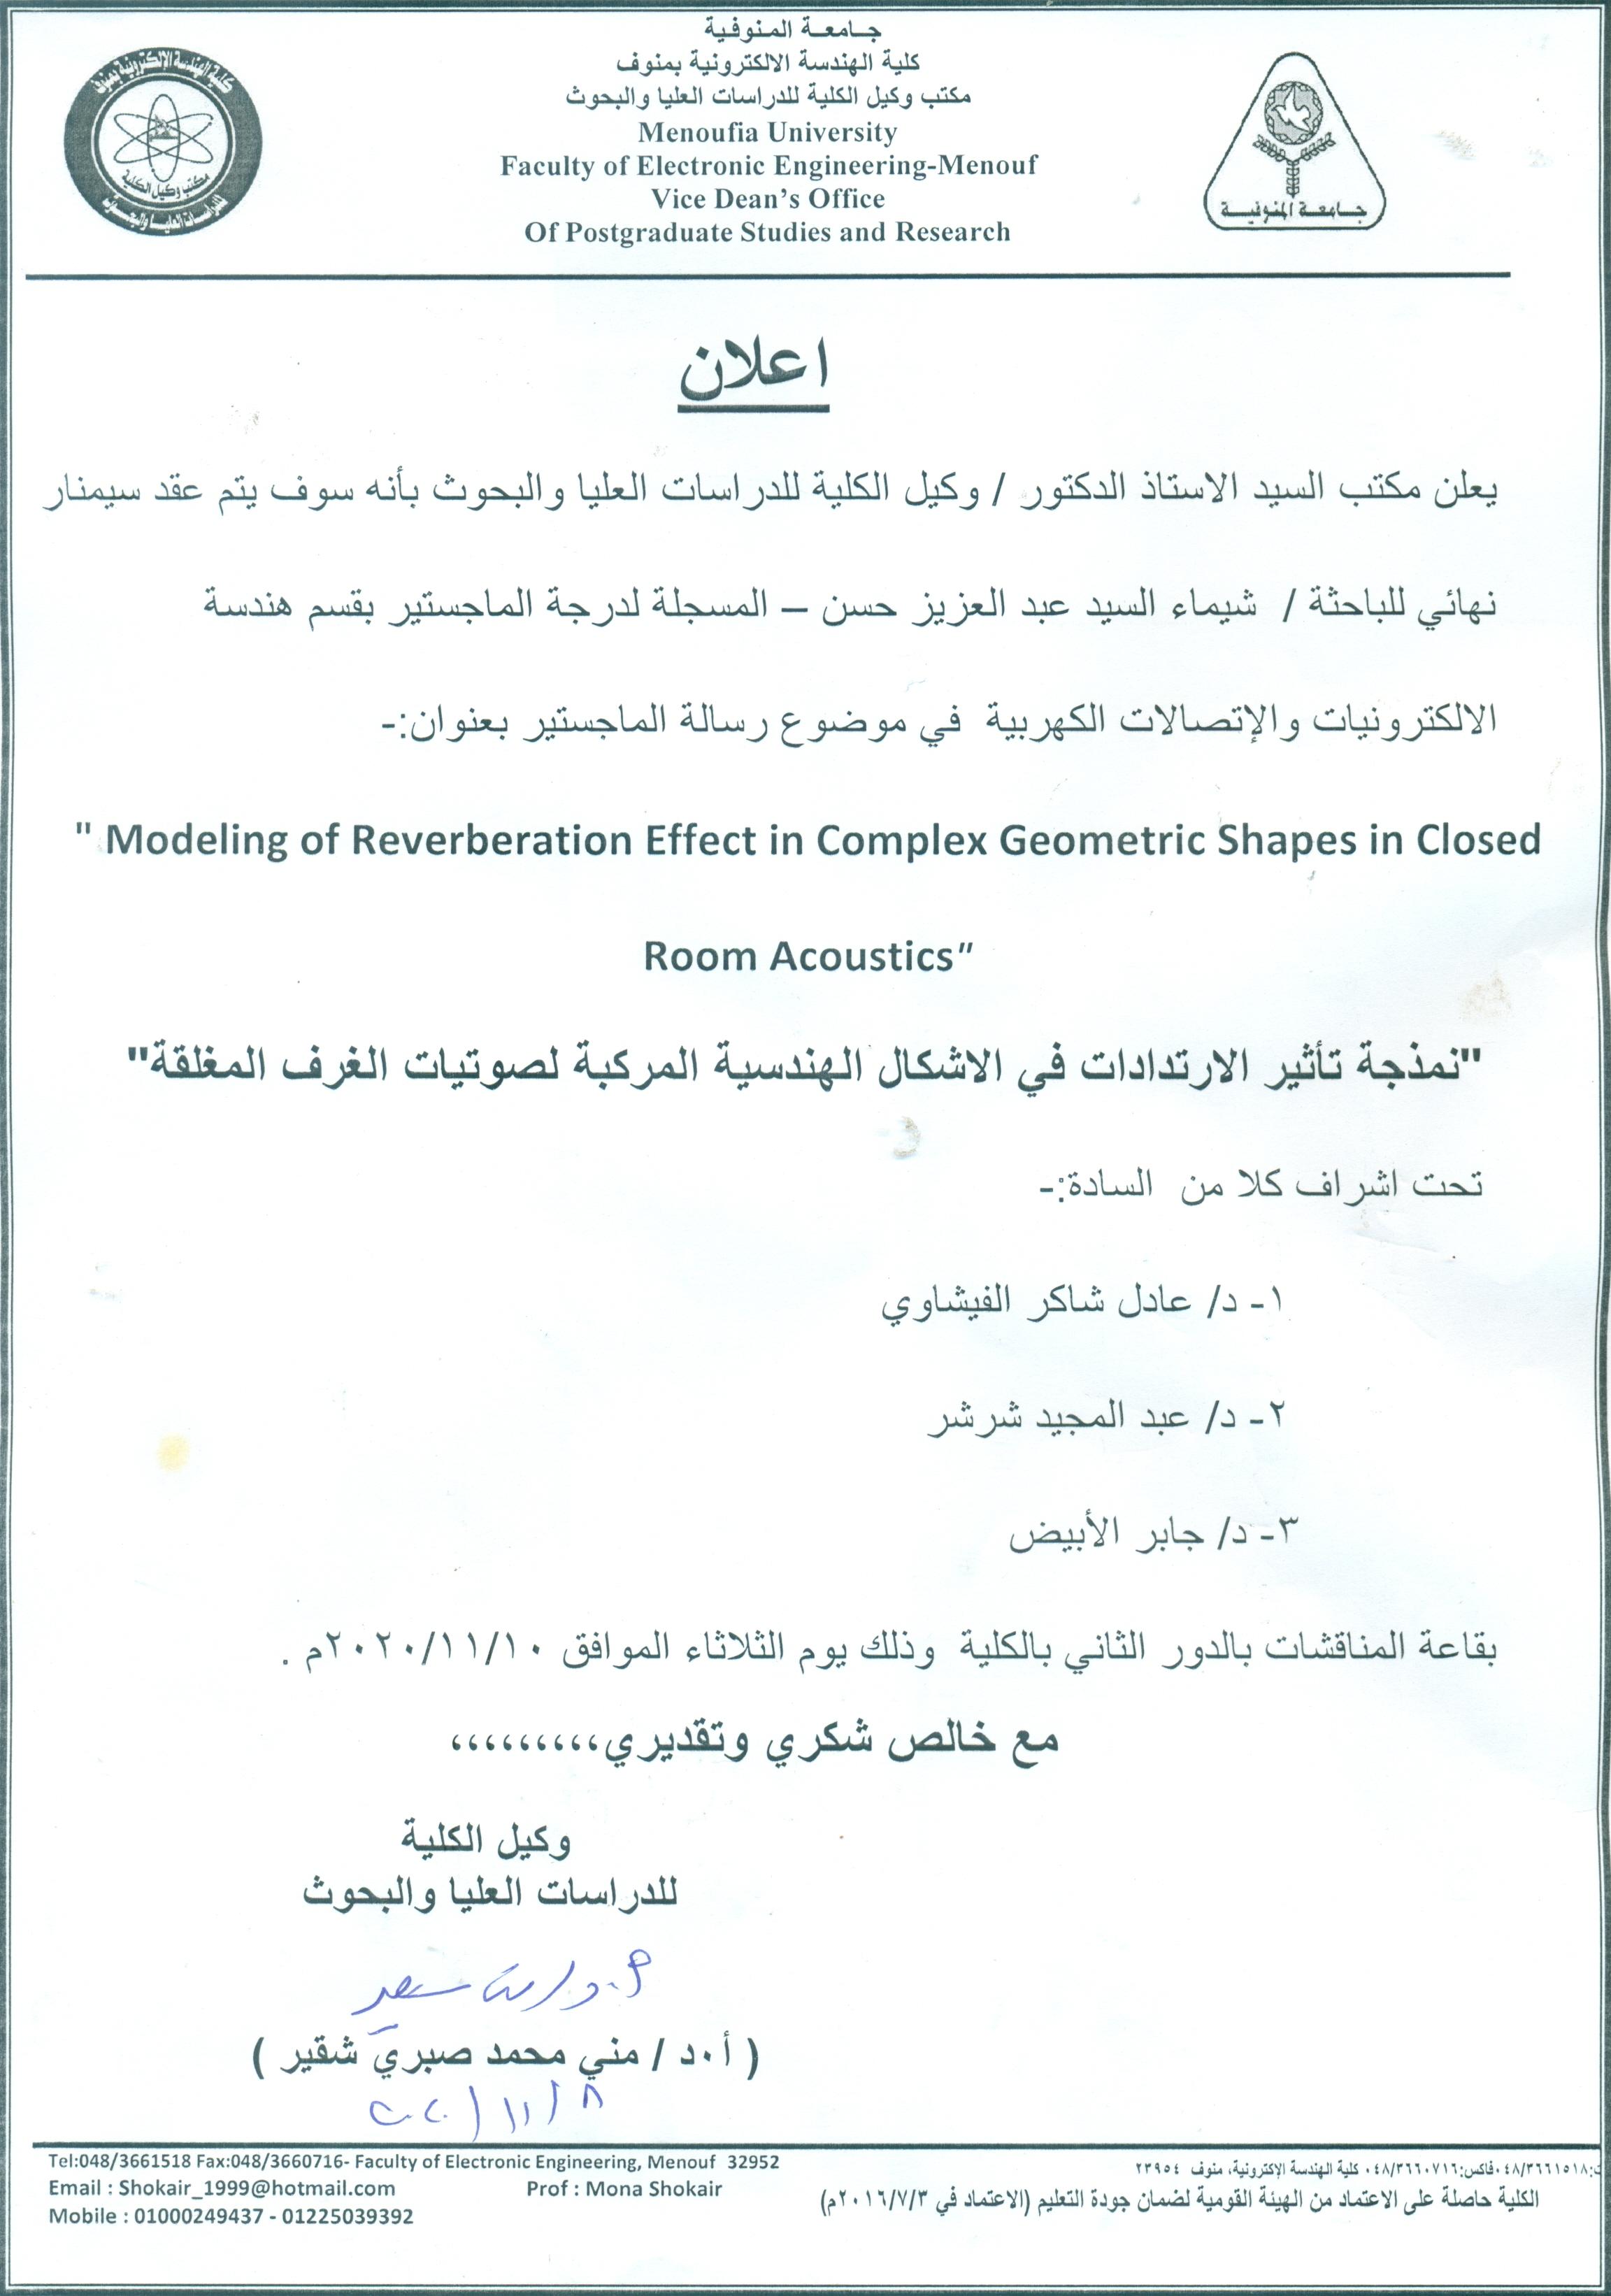 عقد سيمنار نهائي للباحثه / شيماء السيد عبد العزيز حسن